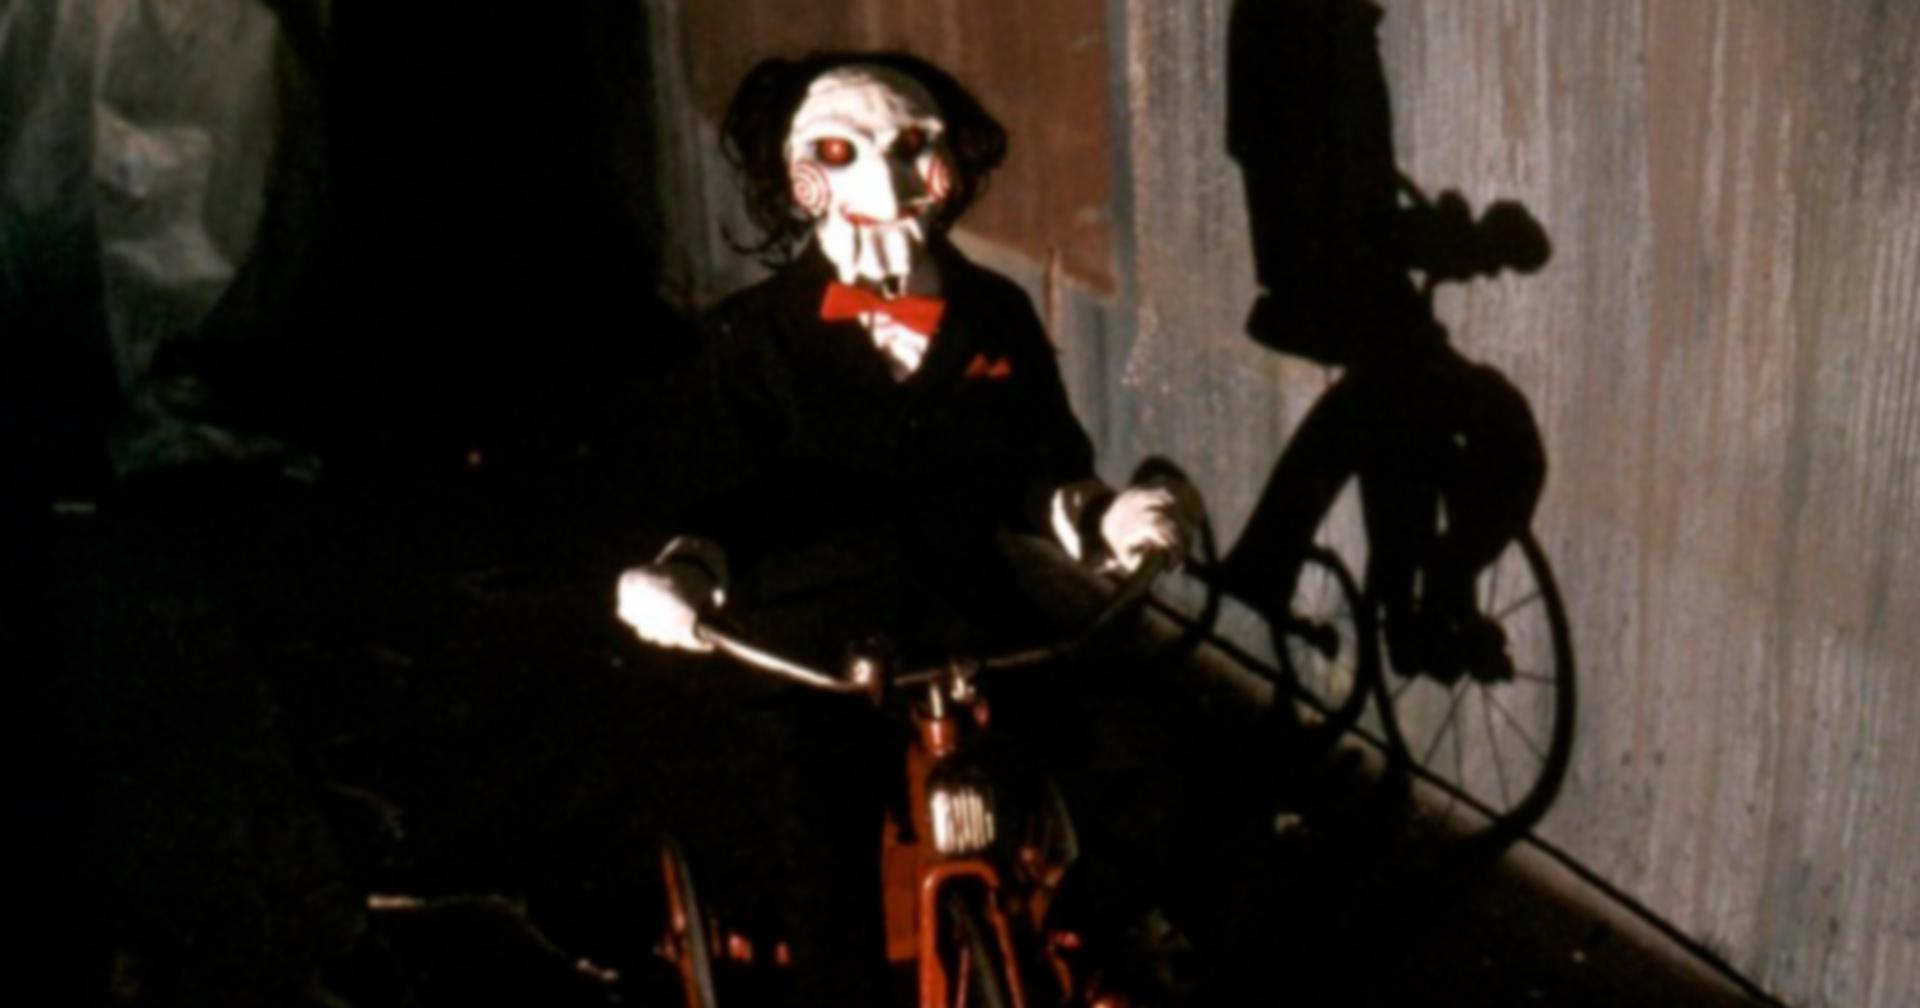 Jogos Mortais   Curiosidades sobre a saga que mudou a história do gênero de terror nos cinemas